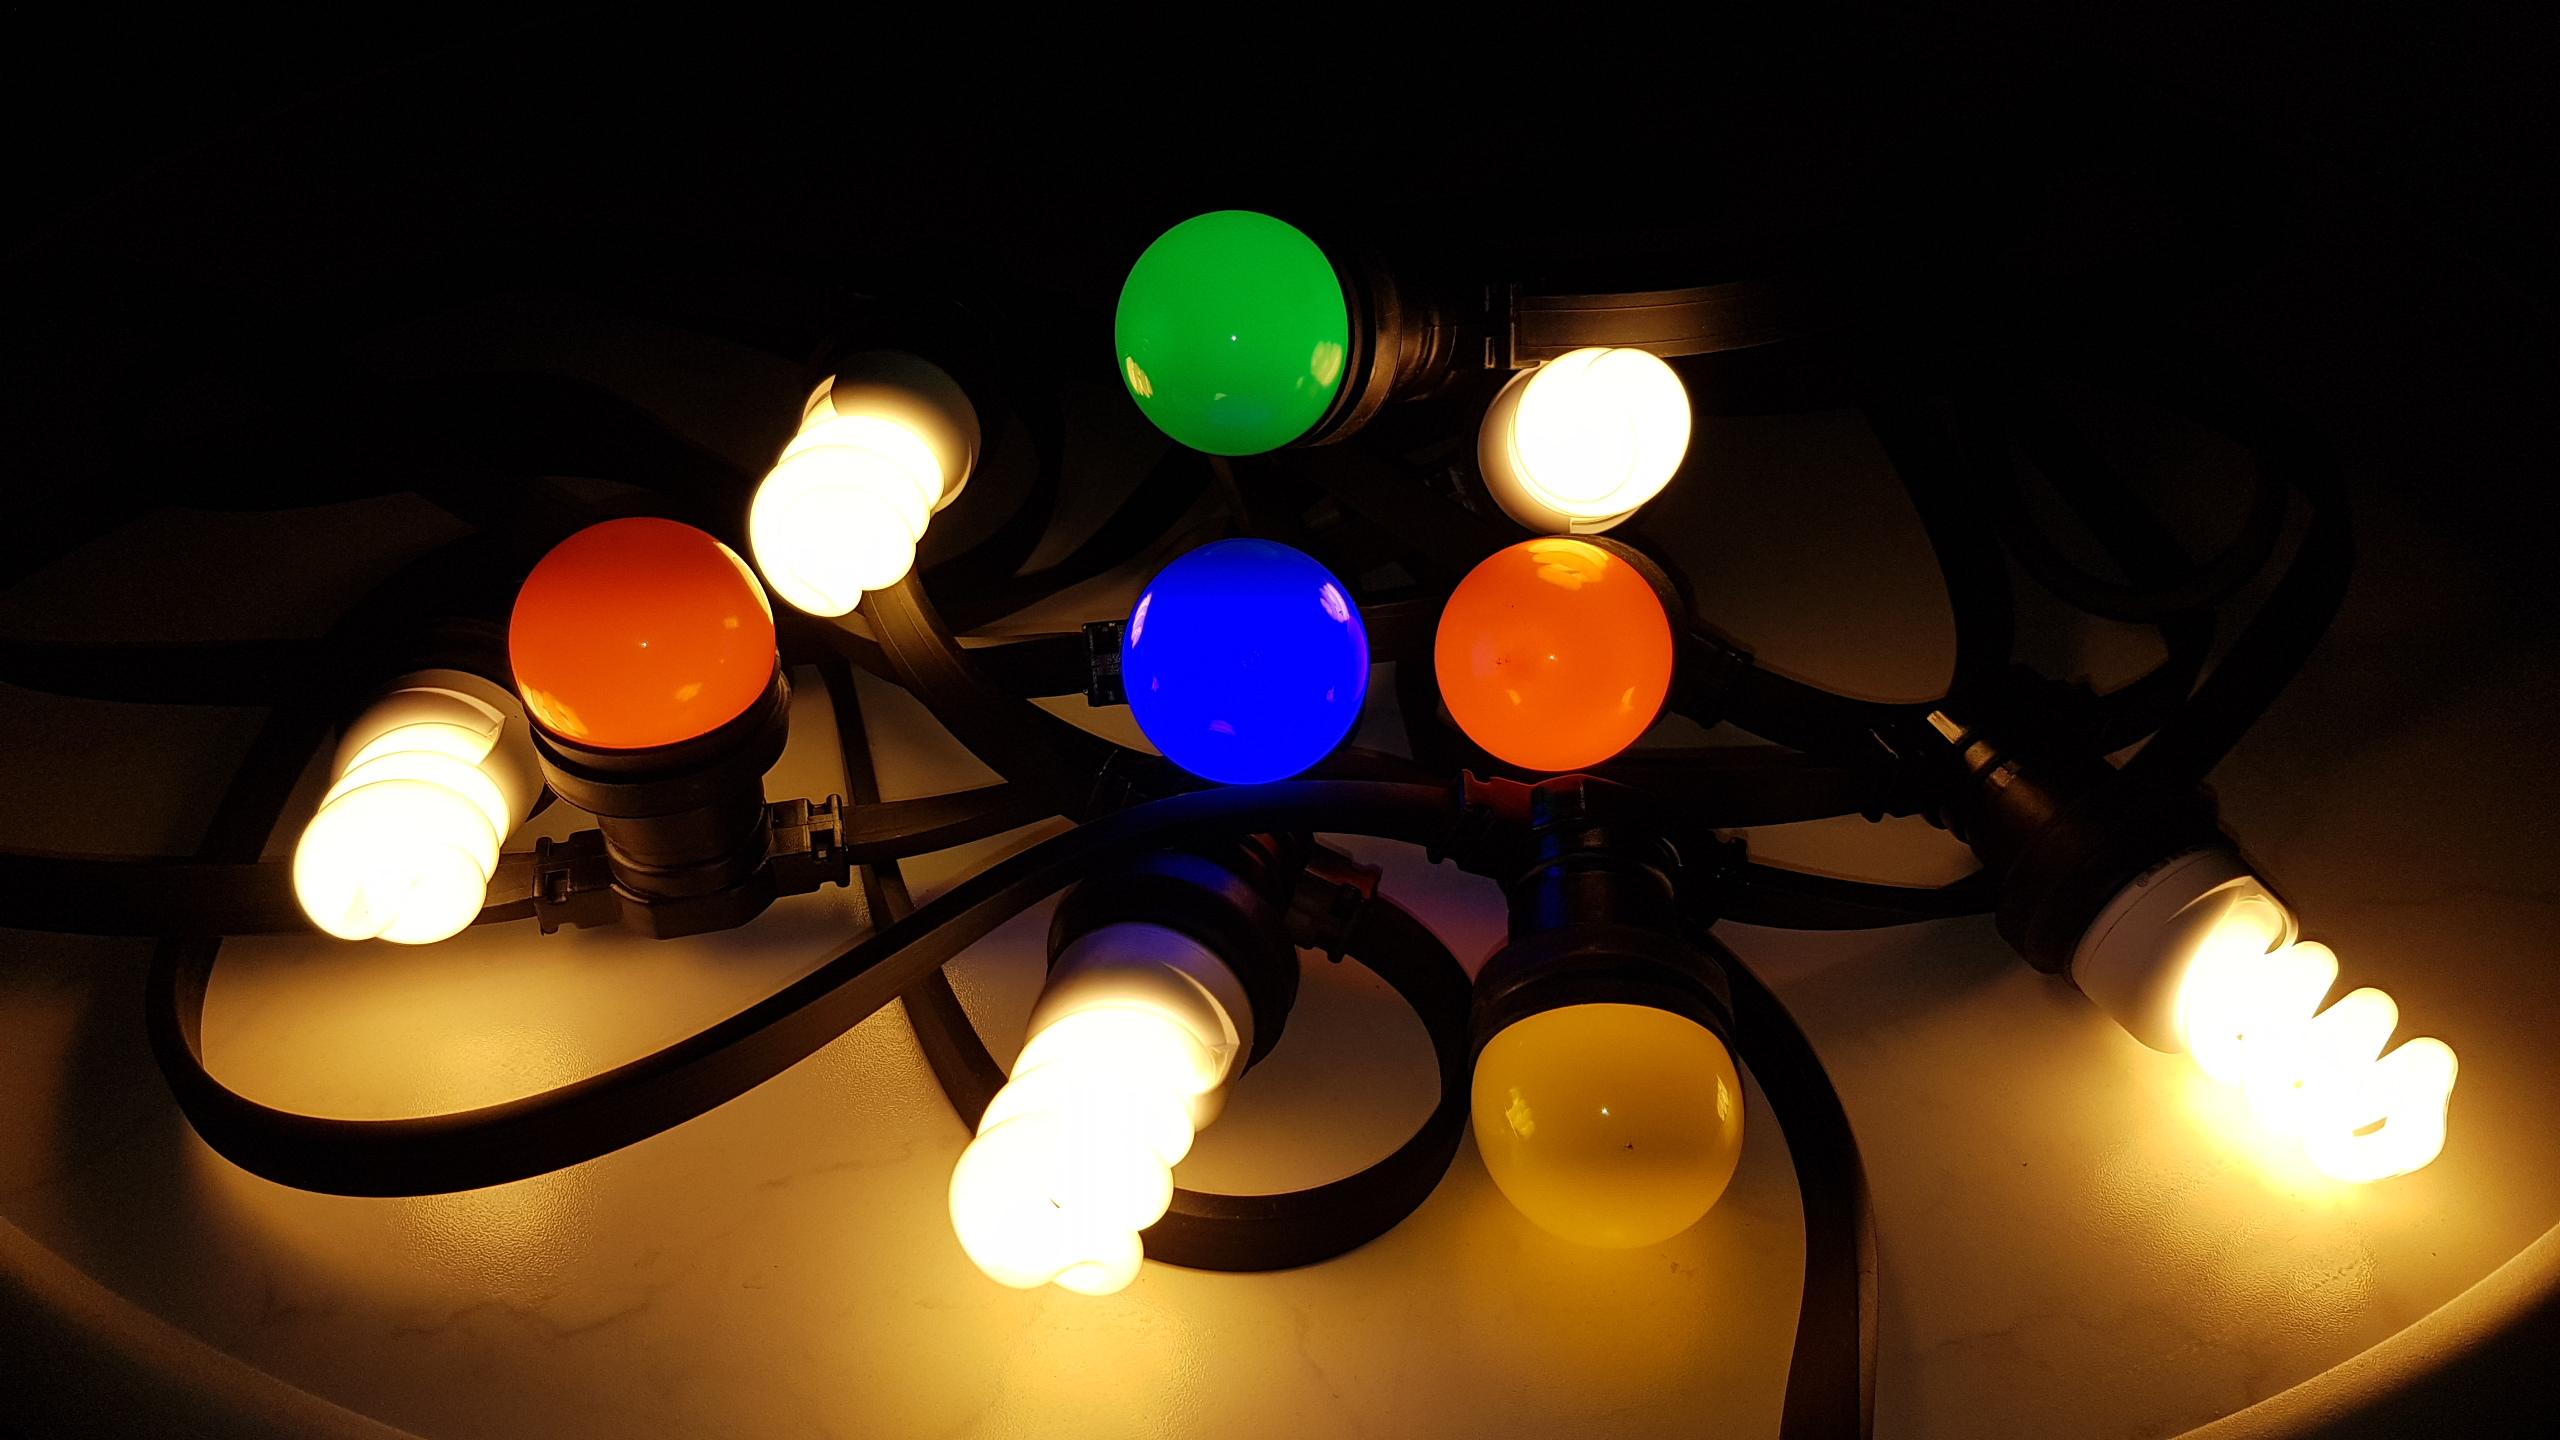 feestverlichting huren almere gekleurde lampen afgewisseld met helder lampen voor extra sfeer